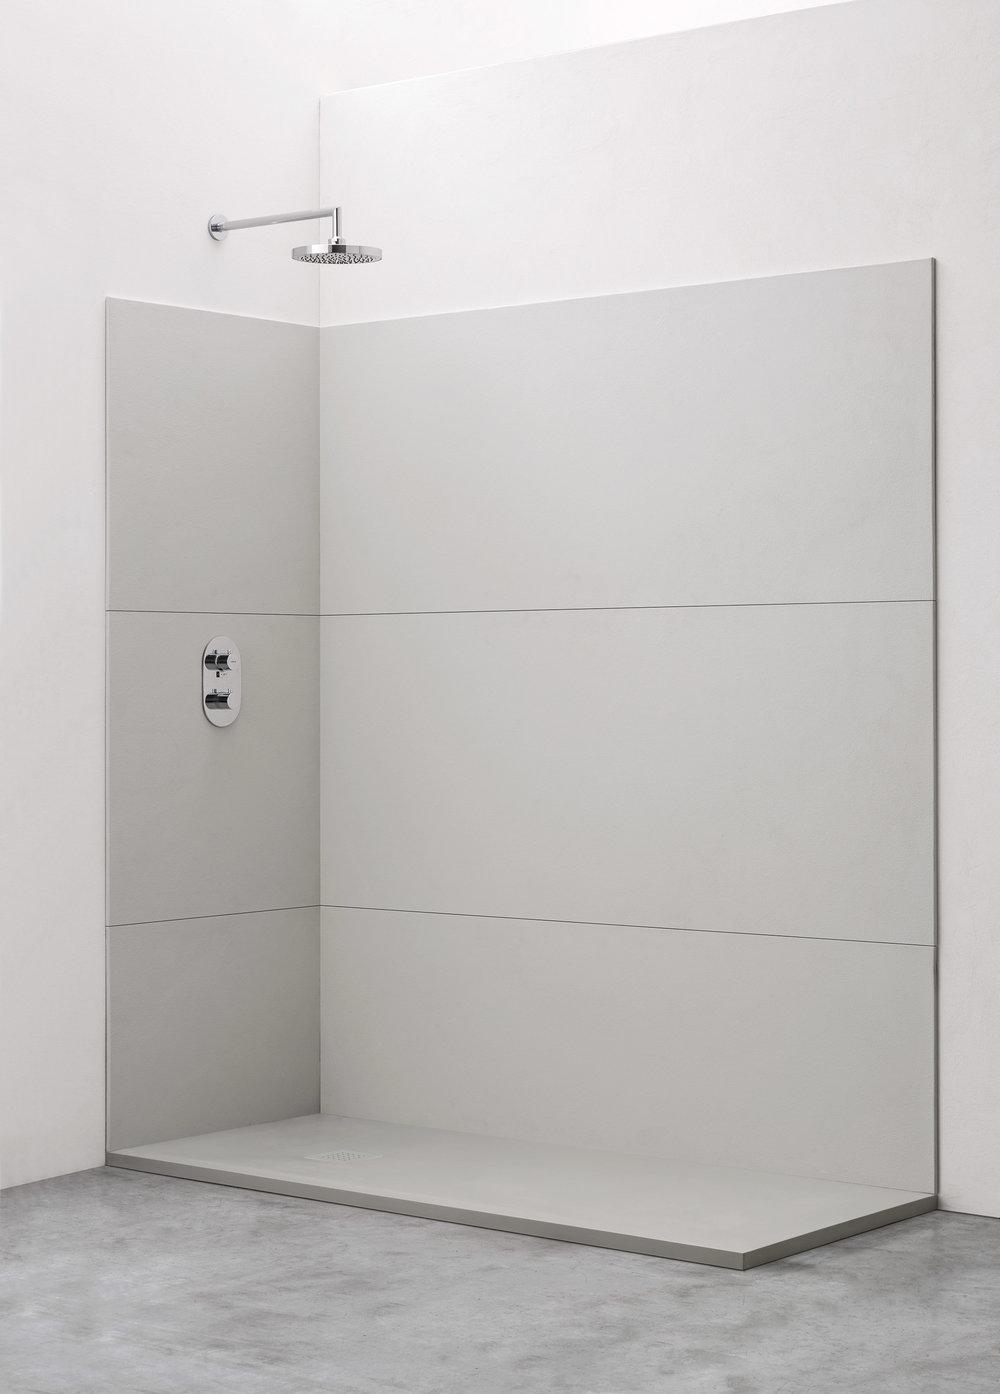 Rivestimento a tutta parete - I pannelli a fasce orizzontali rivestono tutta la superficie interna della doccia e, a seconda della finitura scelta, danno un preciso carattere all'ambiente.